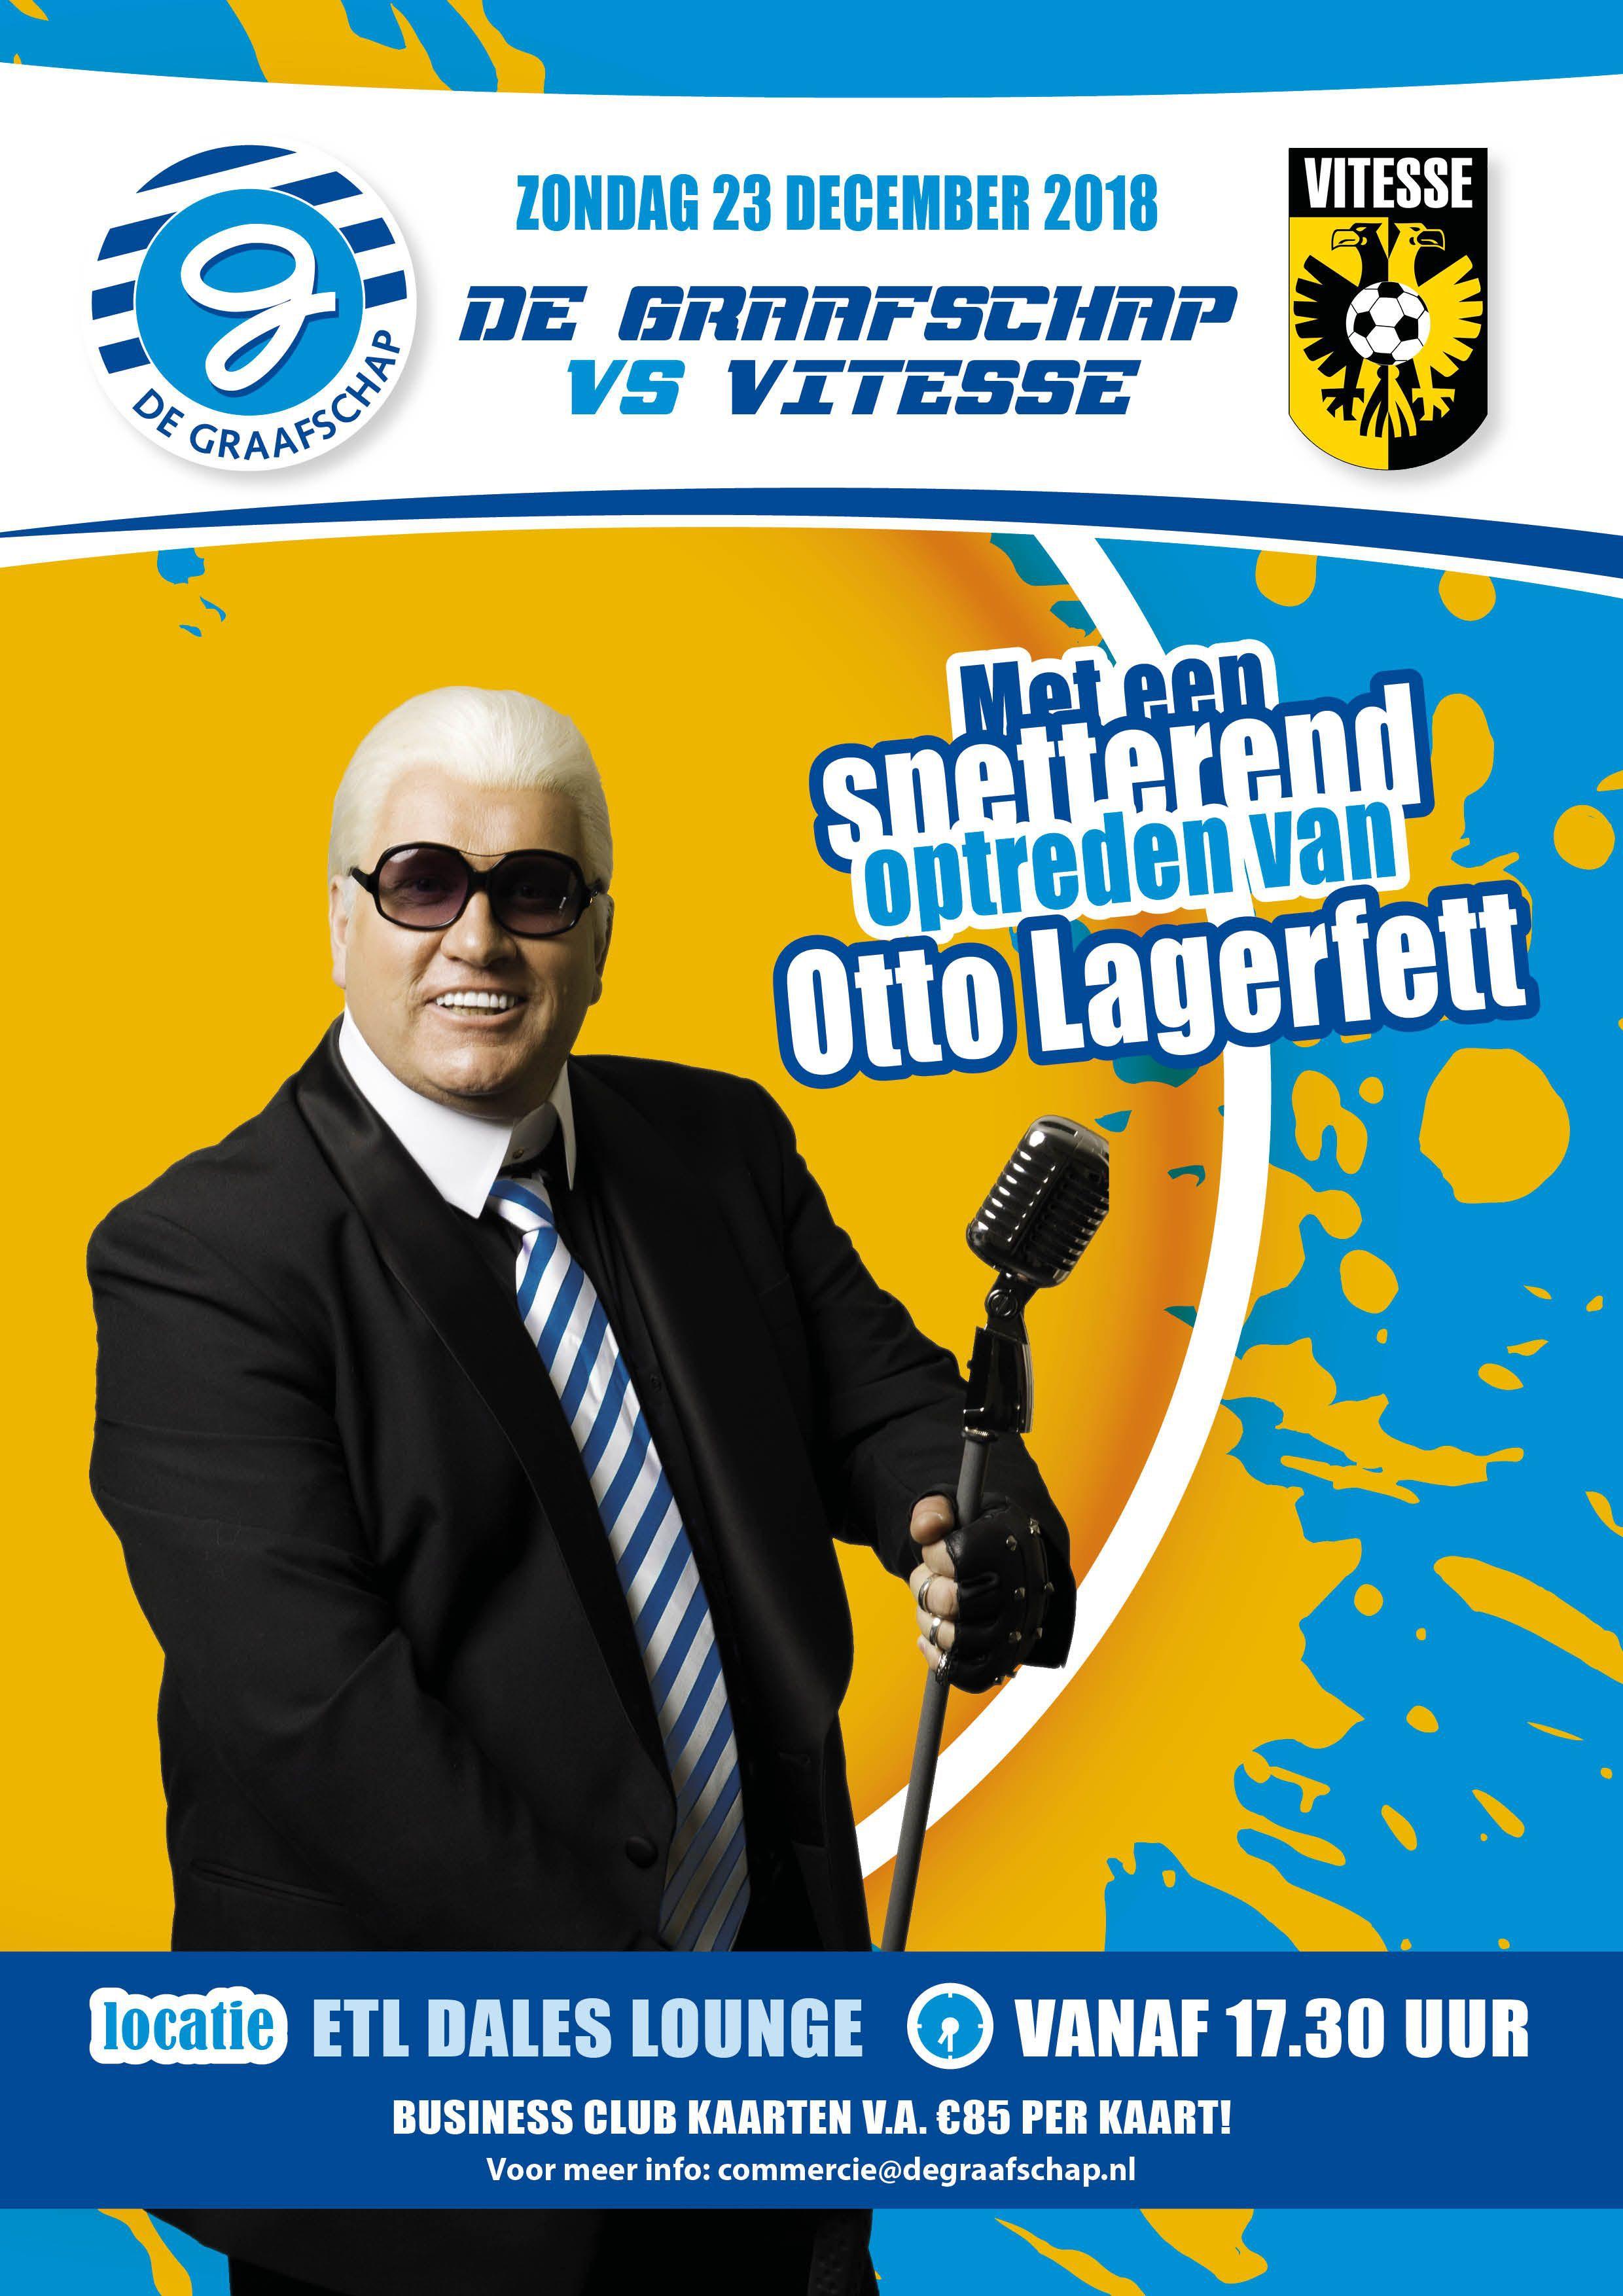 De-Graafschap-Otto-Lagerfett.jpg